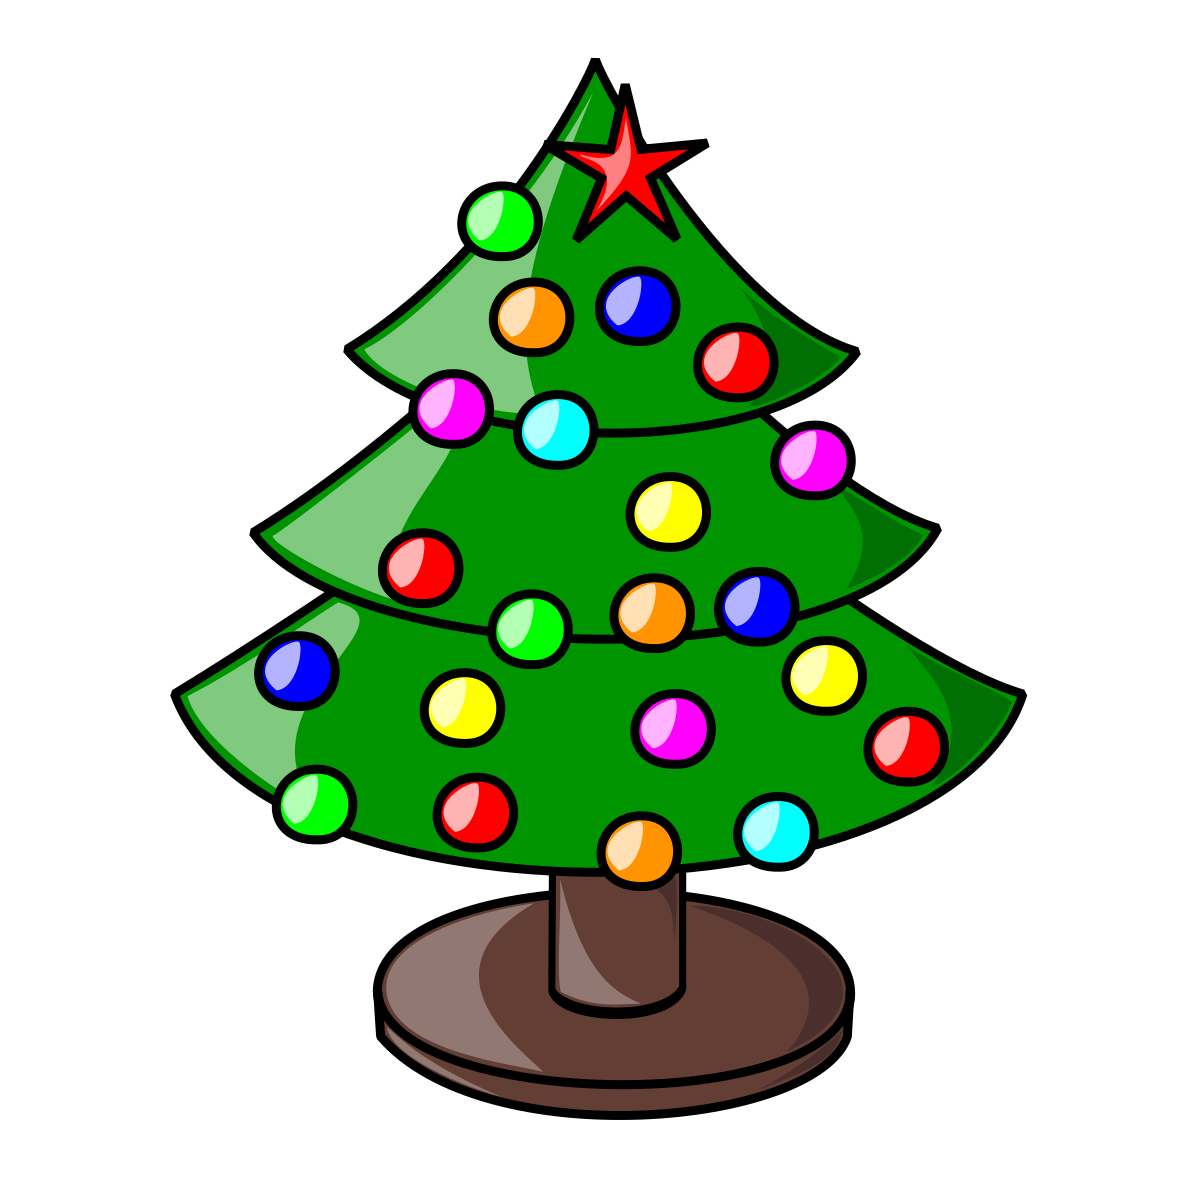 File:Xmas tree.svg.